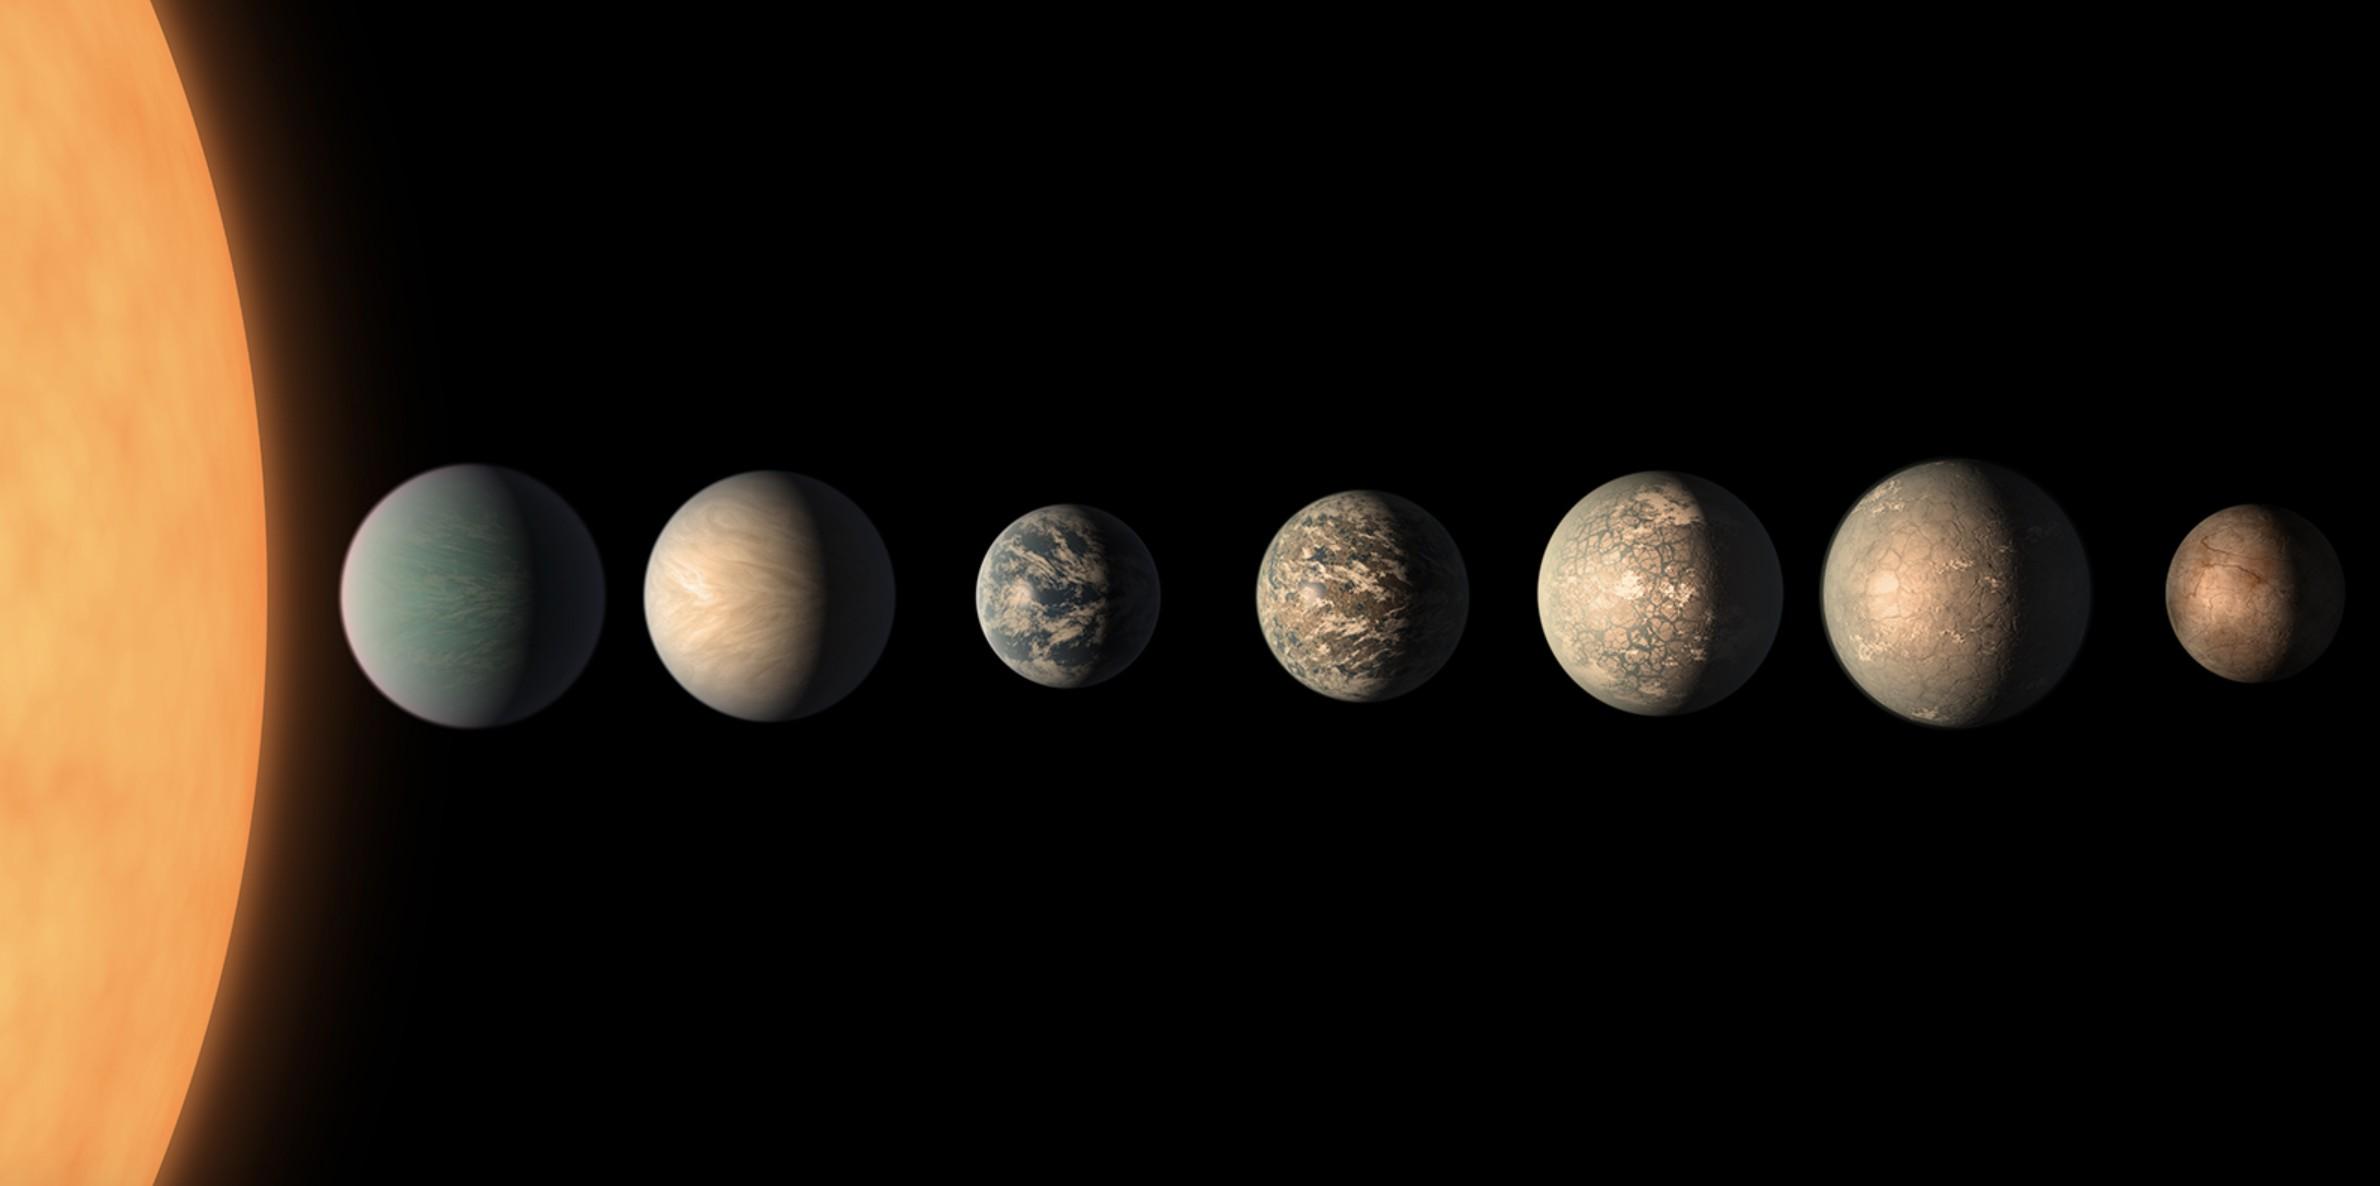 Representação da NASA do Sistema Solar (Foto: NASA/ JPL-Caltech)